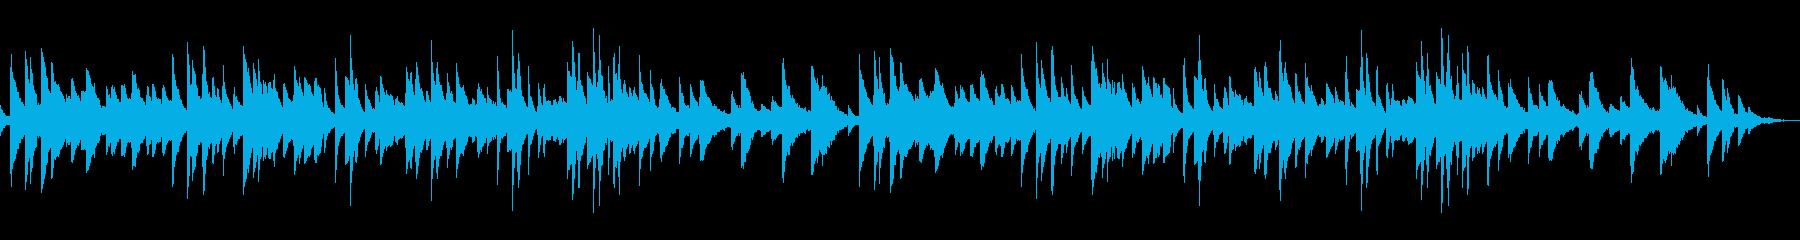 生ピアノ ソロ 哀しい 切ない バラードの再生済みの波形